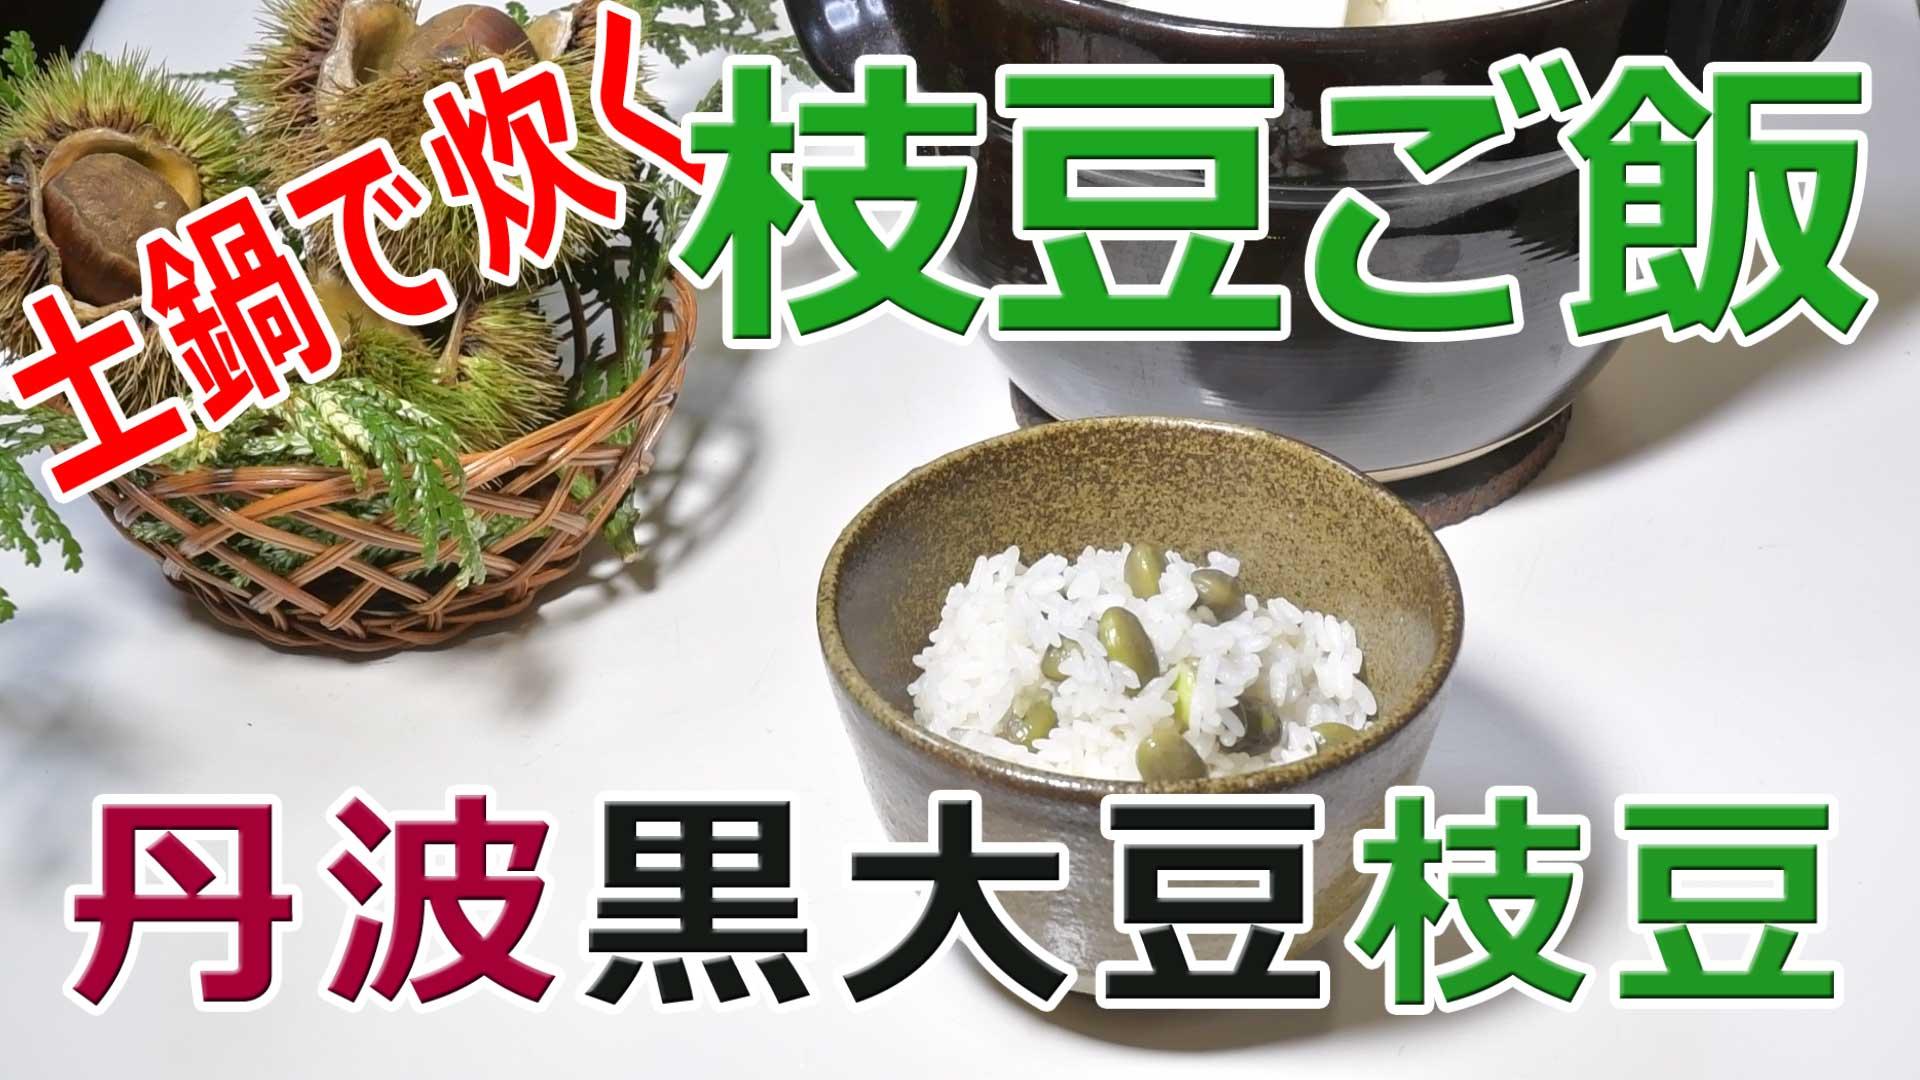 土鍋で炊く枝豆ご飯 丹波黒大豆枝豆を使った枝豆ご飯のレシピ